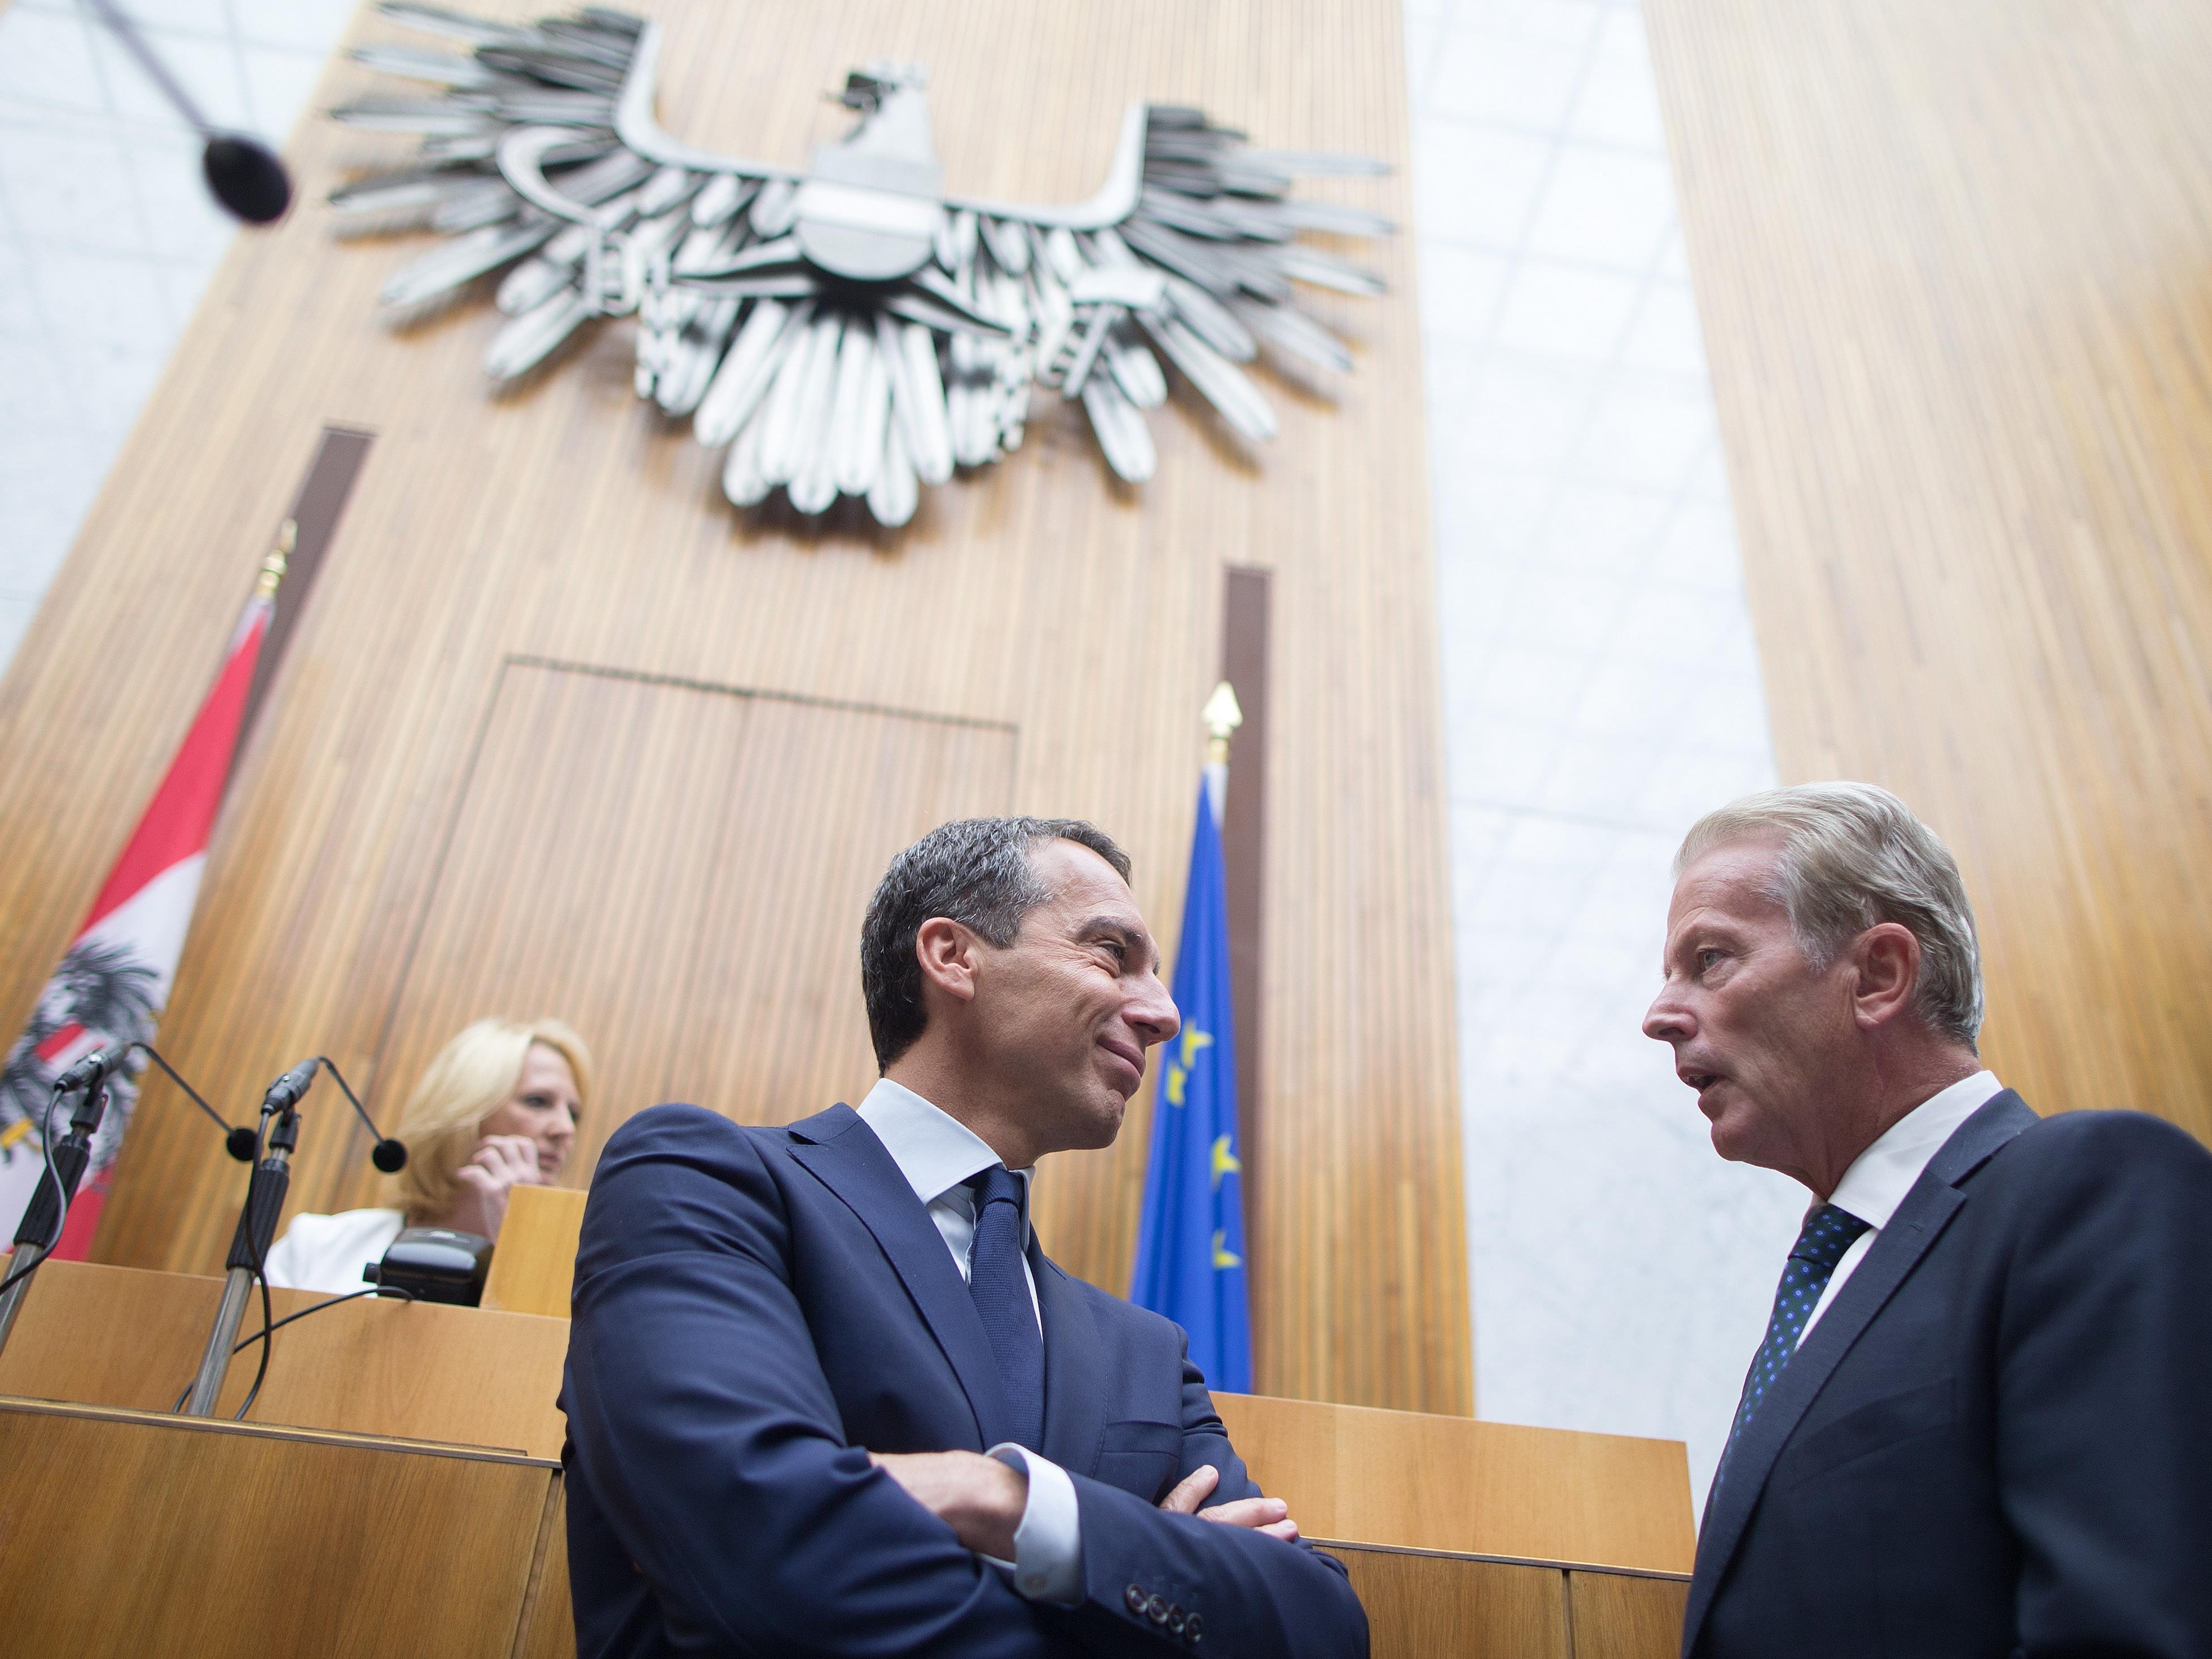 Die Verhandlungen für das Integrationsgesetz dauern vermutlich noch an